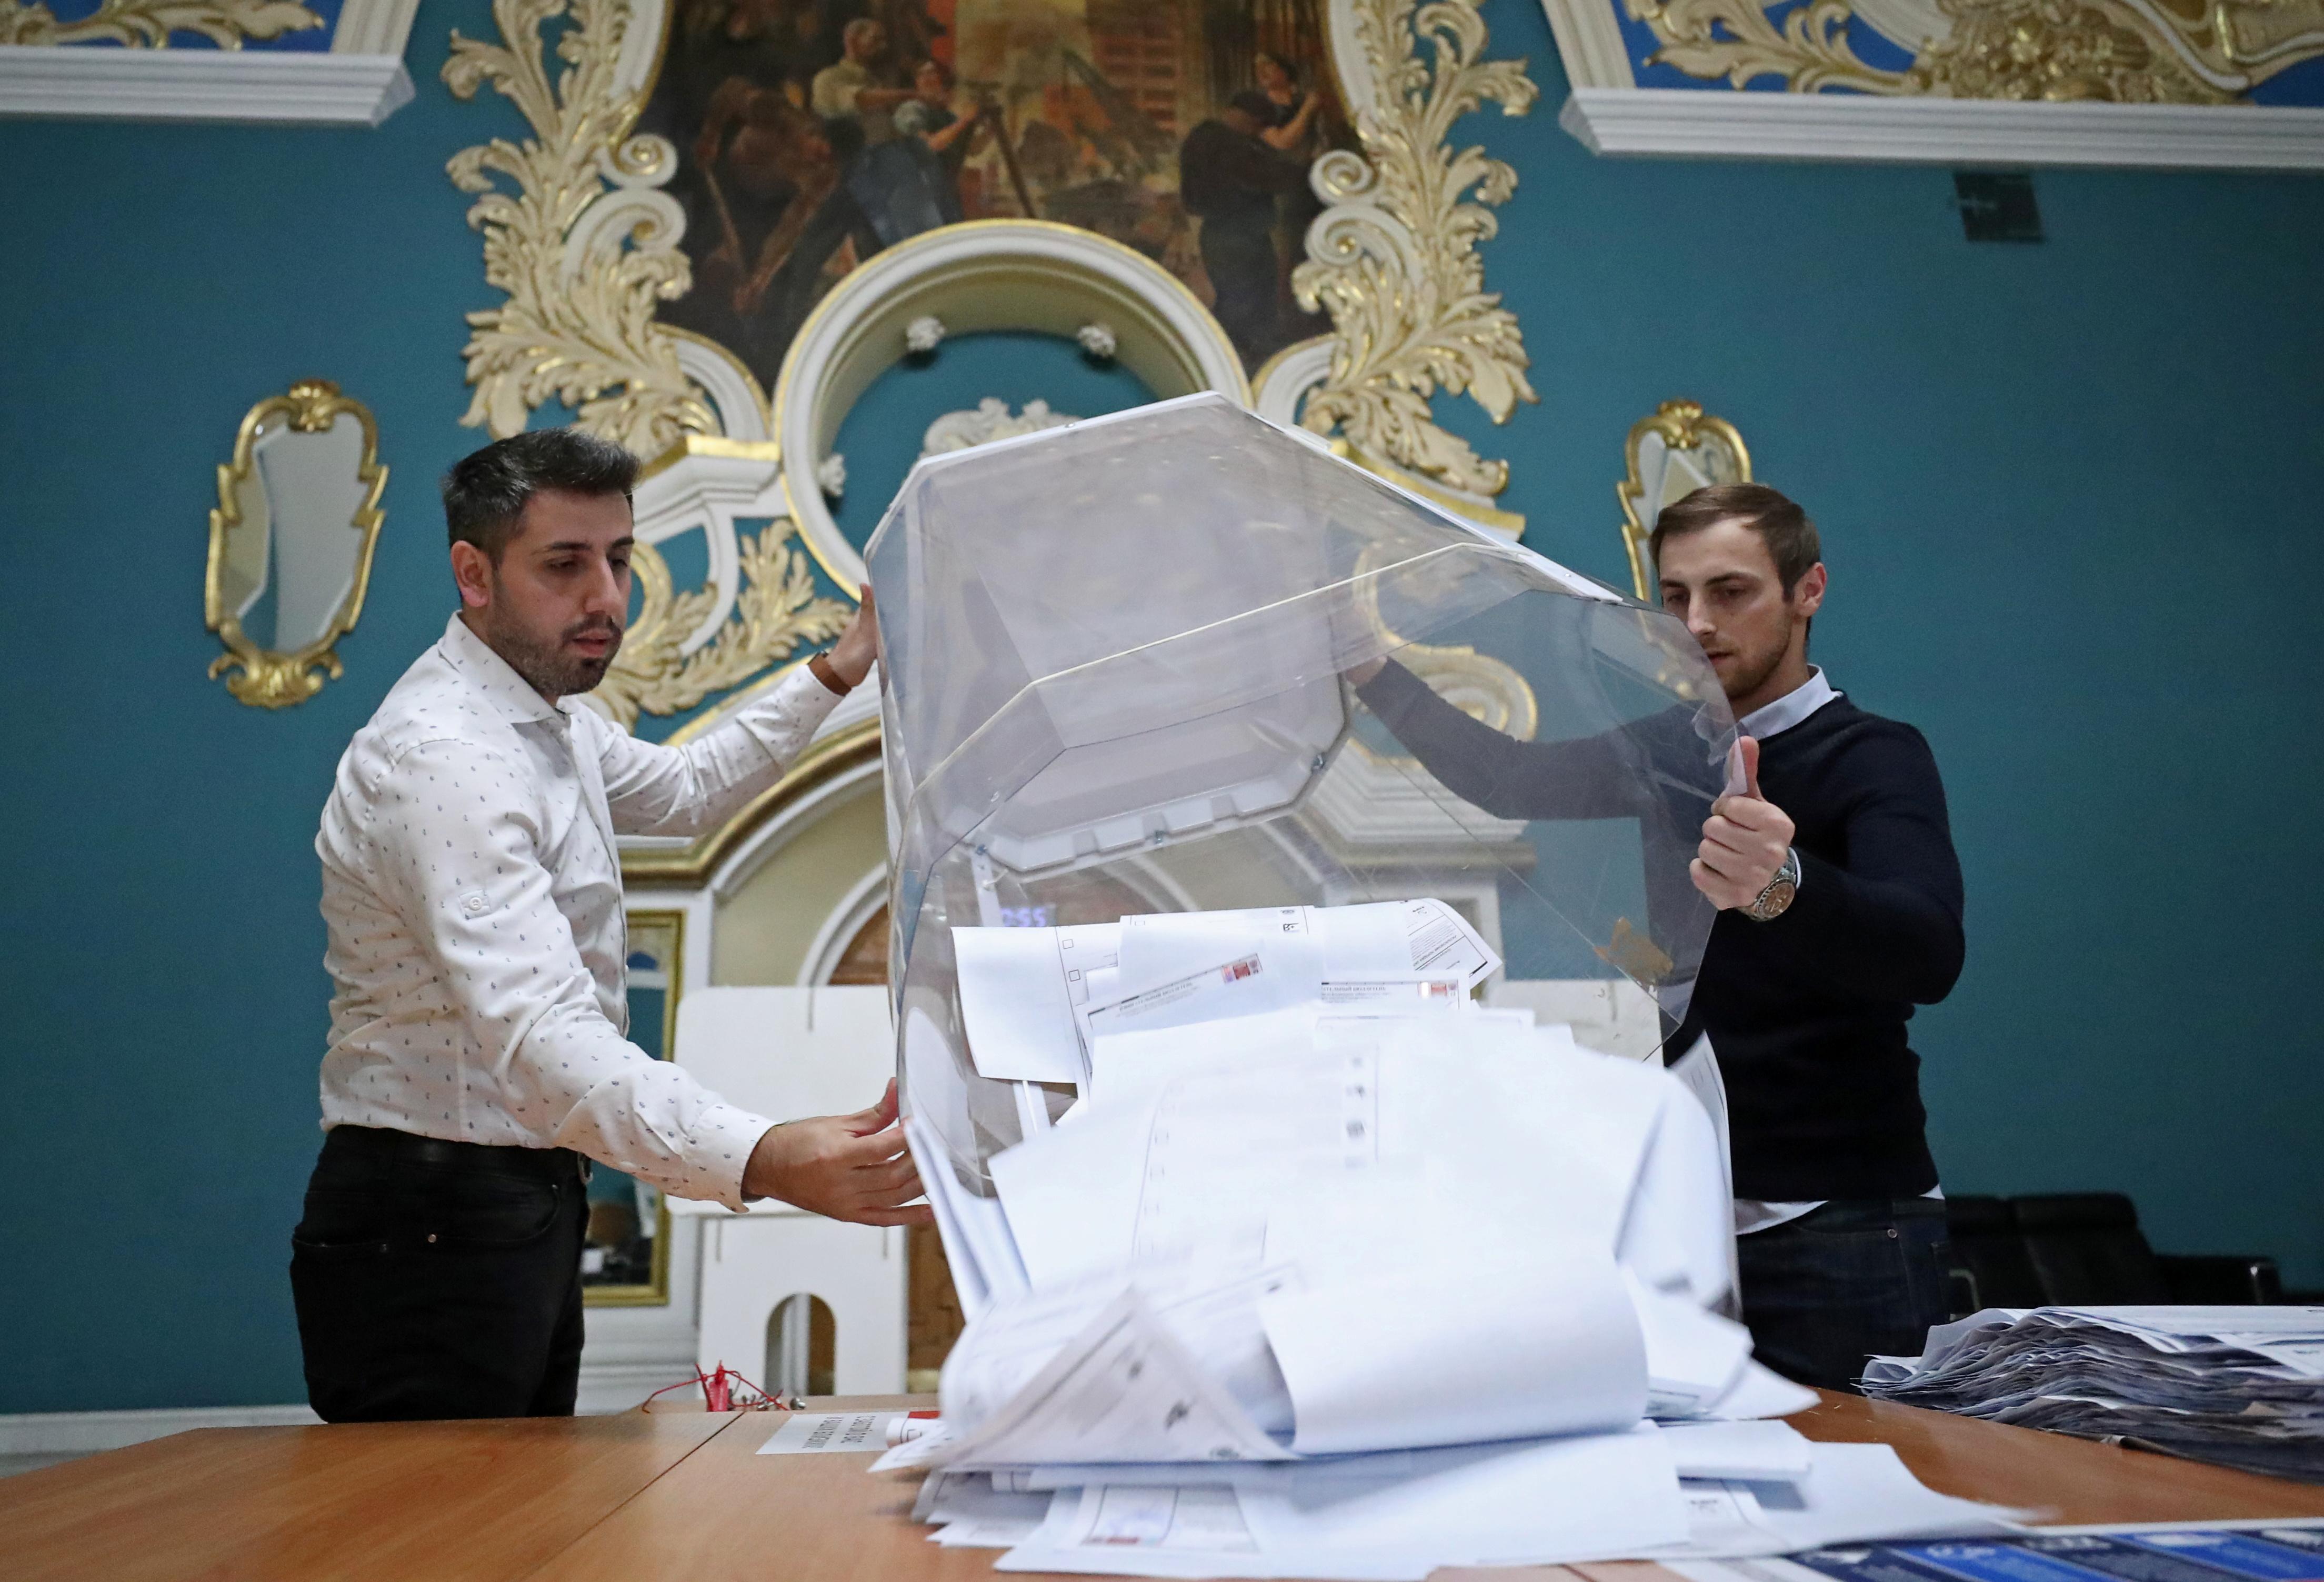 Lede van 'n plaaslike verkiesingskommissie maak 'n stembus leeg nadat stembusse gesluit is tydens 'n parlementsverkiesing van drie dae, by 'n stembus binne die Kazansky-treinstasie in Moskou, 19 September 2021. REUTERS/Evgenia Novozhenina